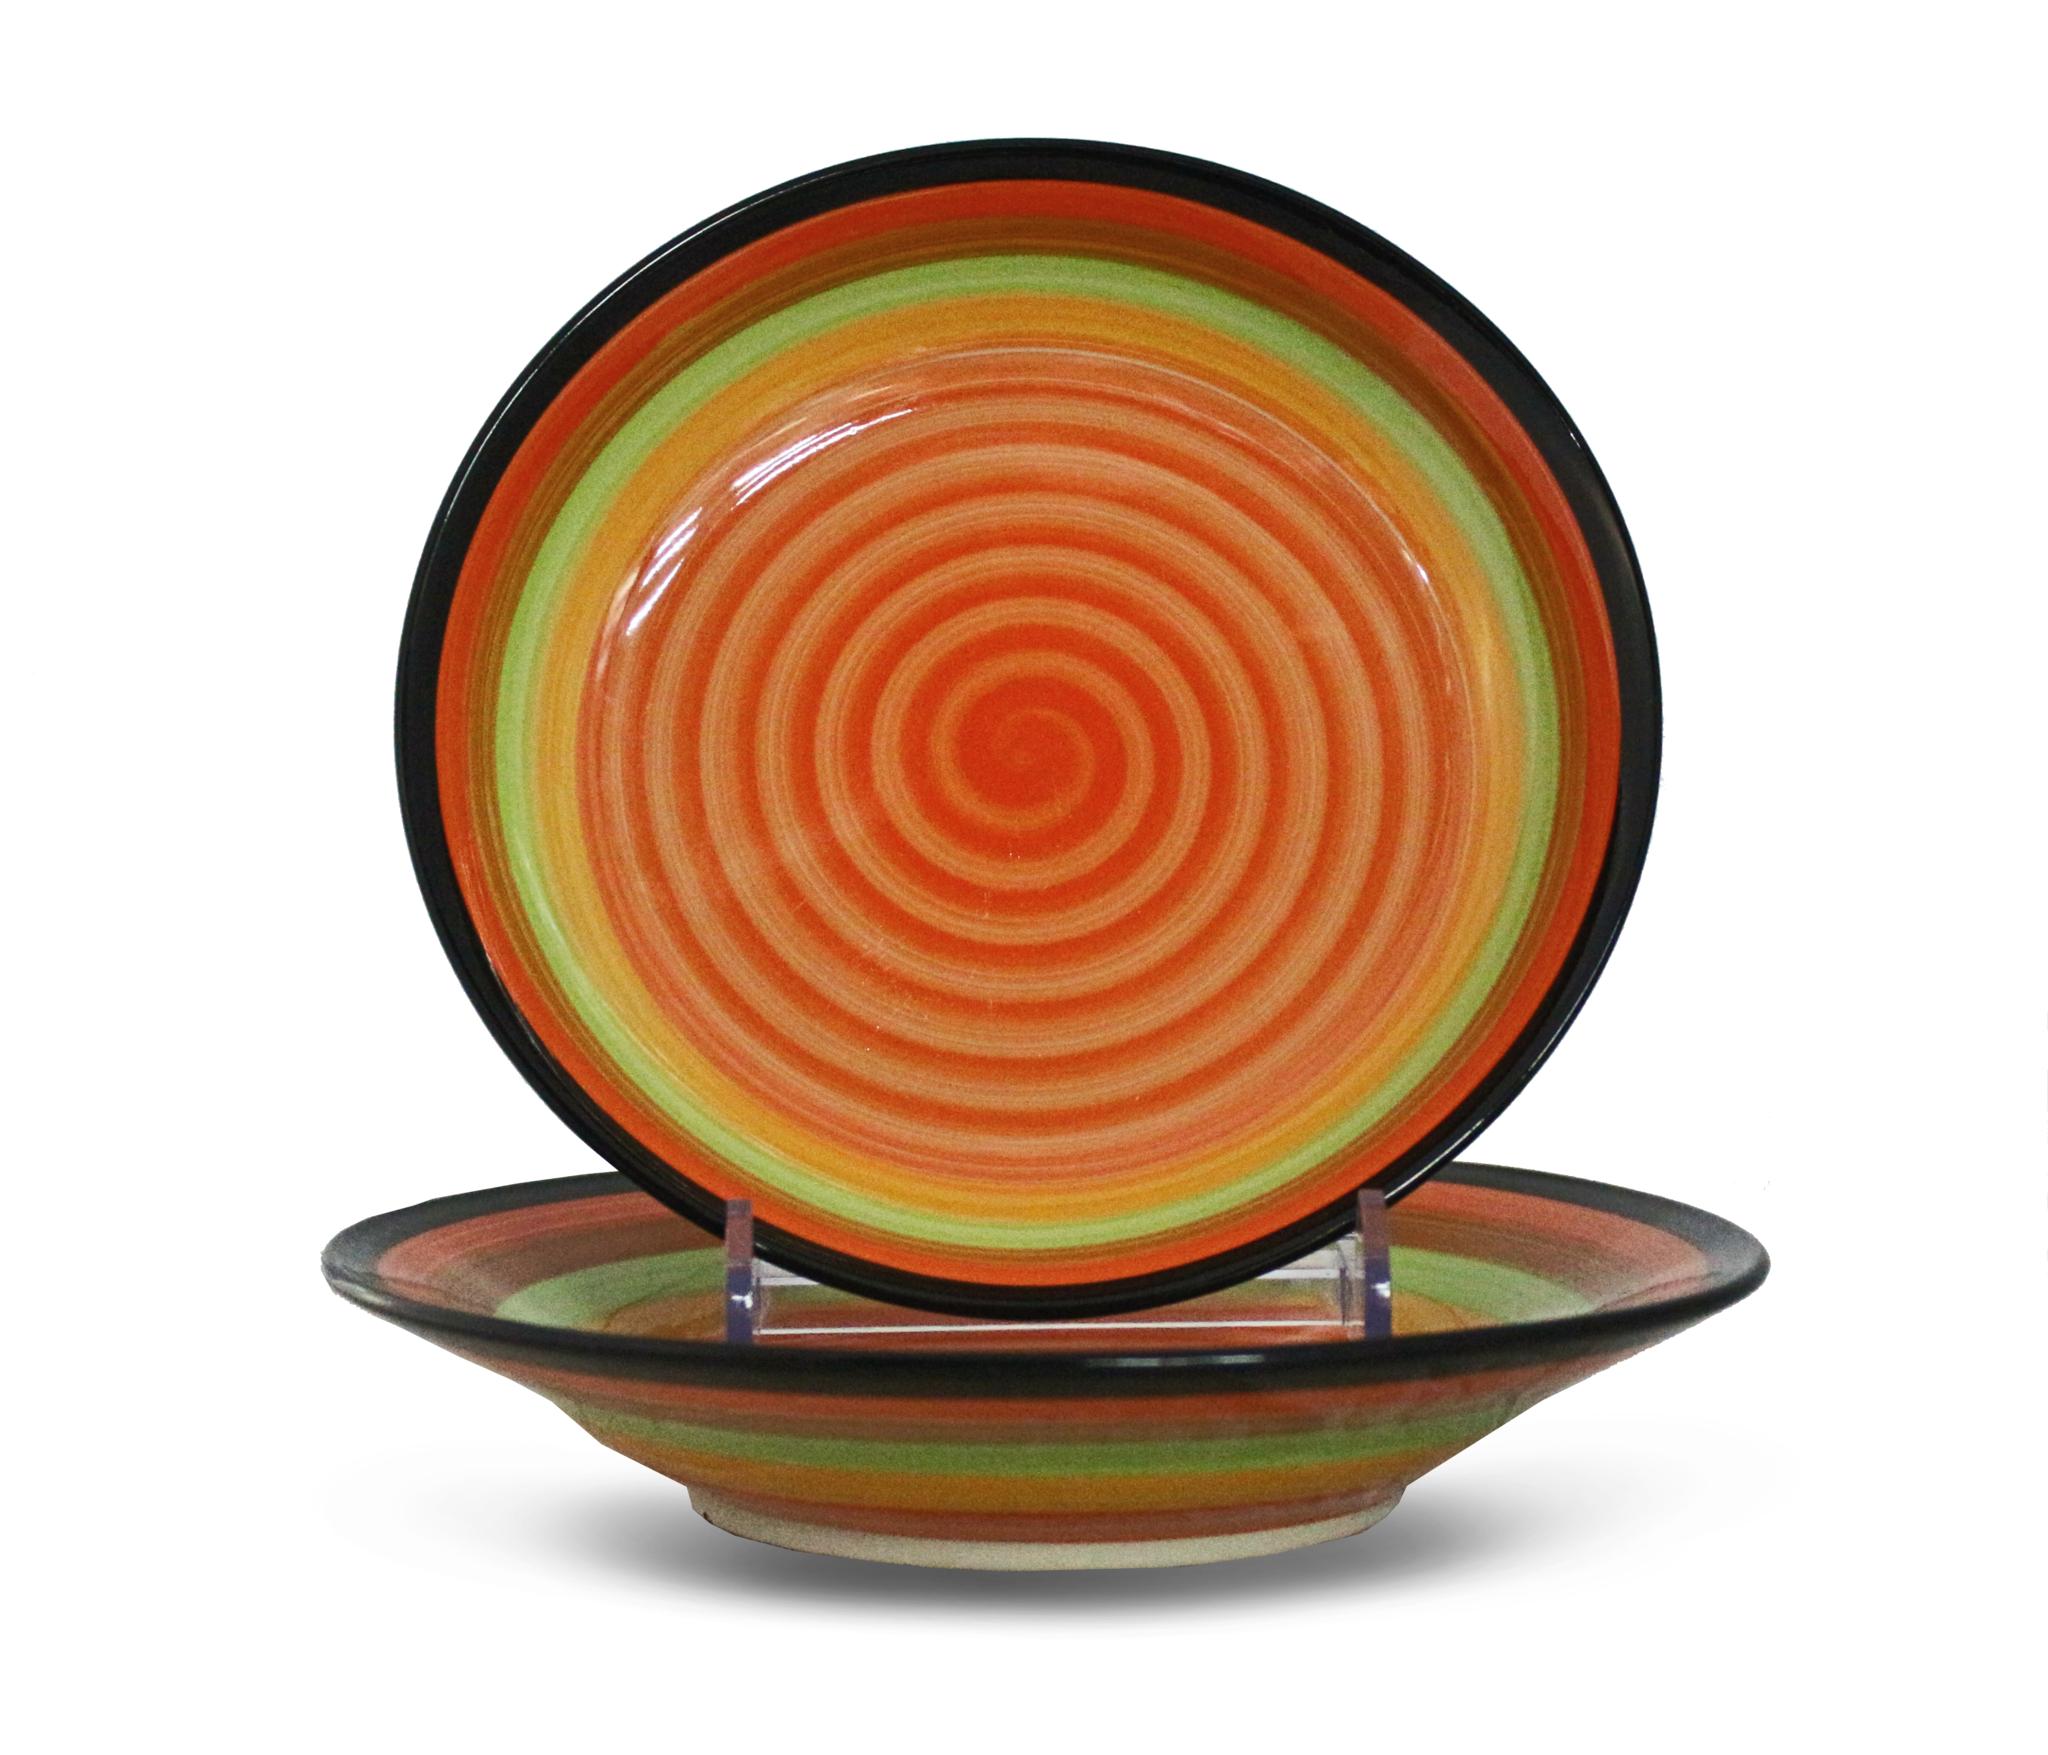 Тарелка глубокая, керамика, разноцветная, 23 см.